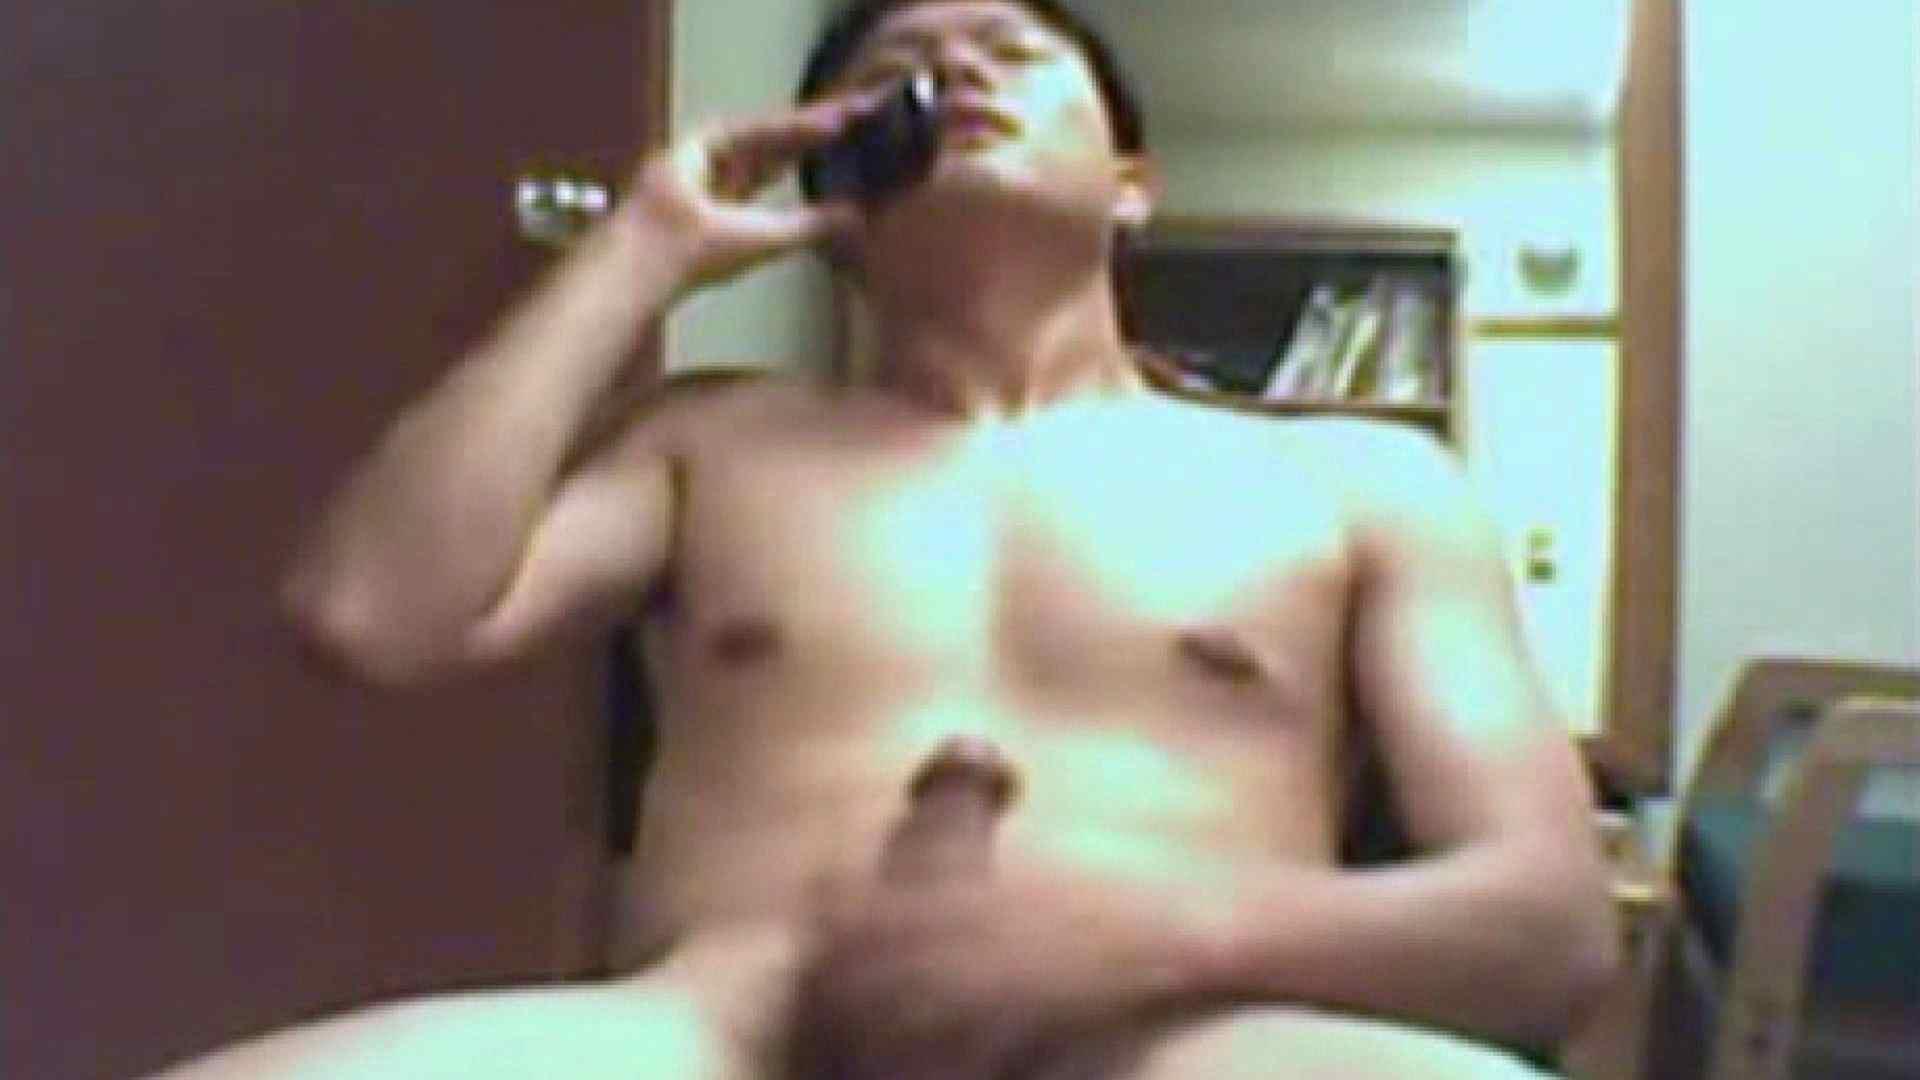 チャットをする男たち!Vol.02 スリム美少年系ジャニ系 | ノンケのオナニー  79連発 77